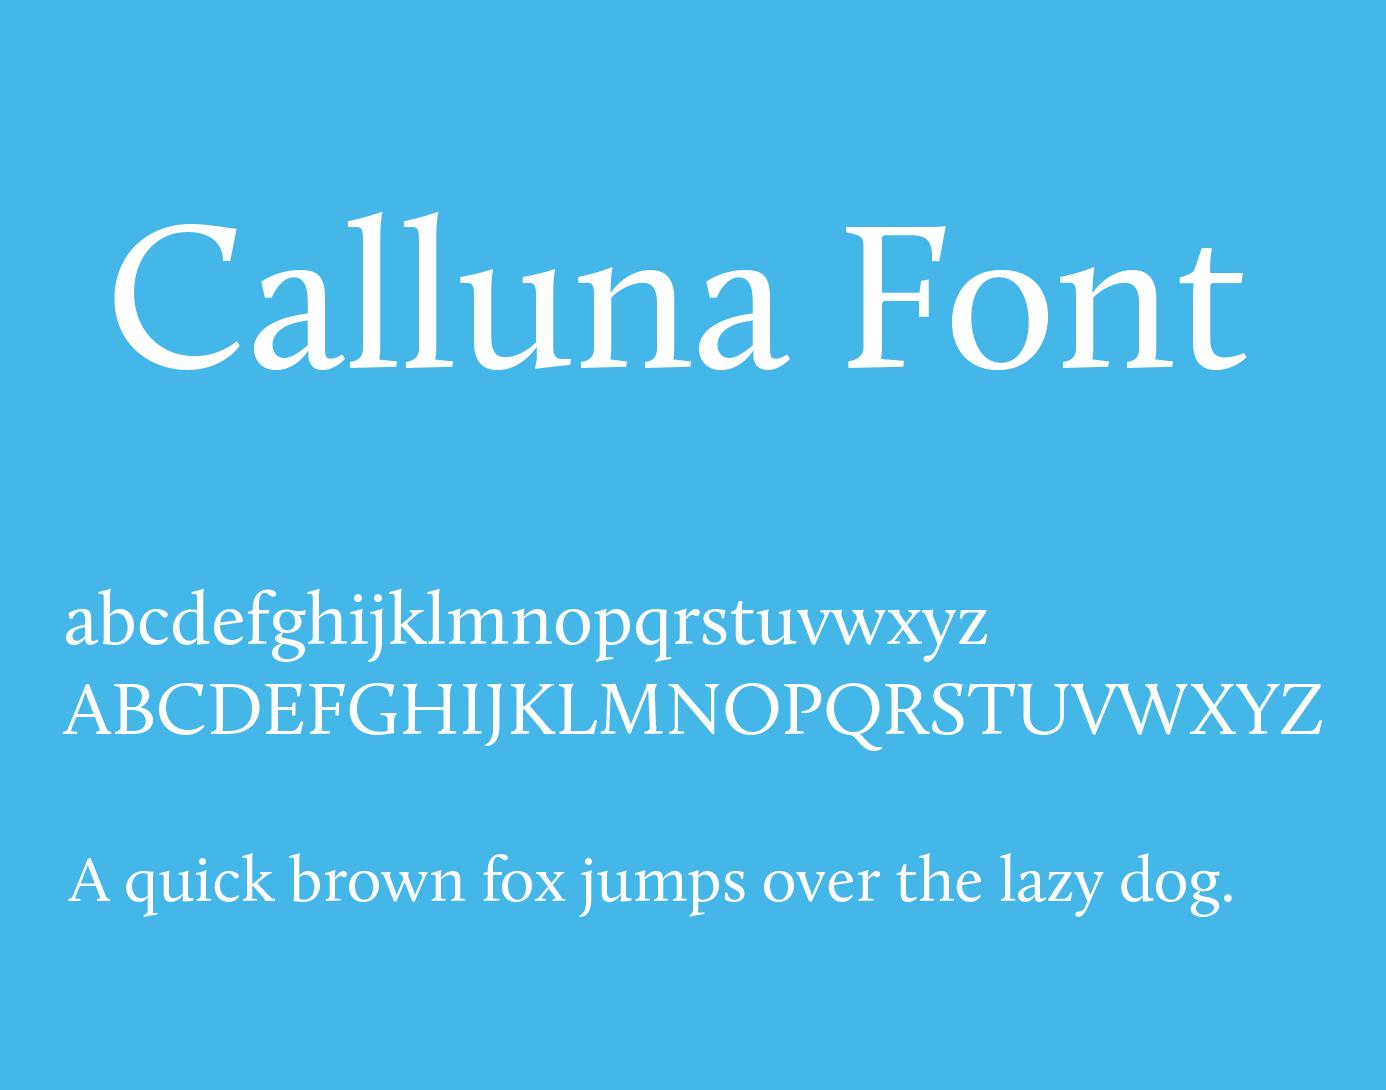 calluna-font